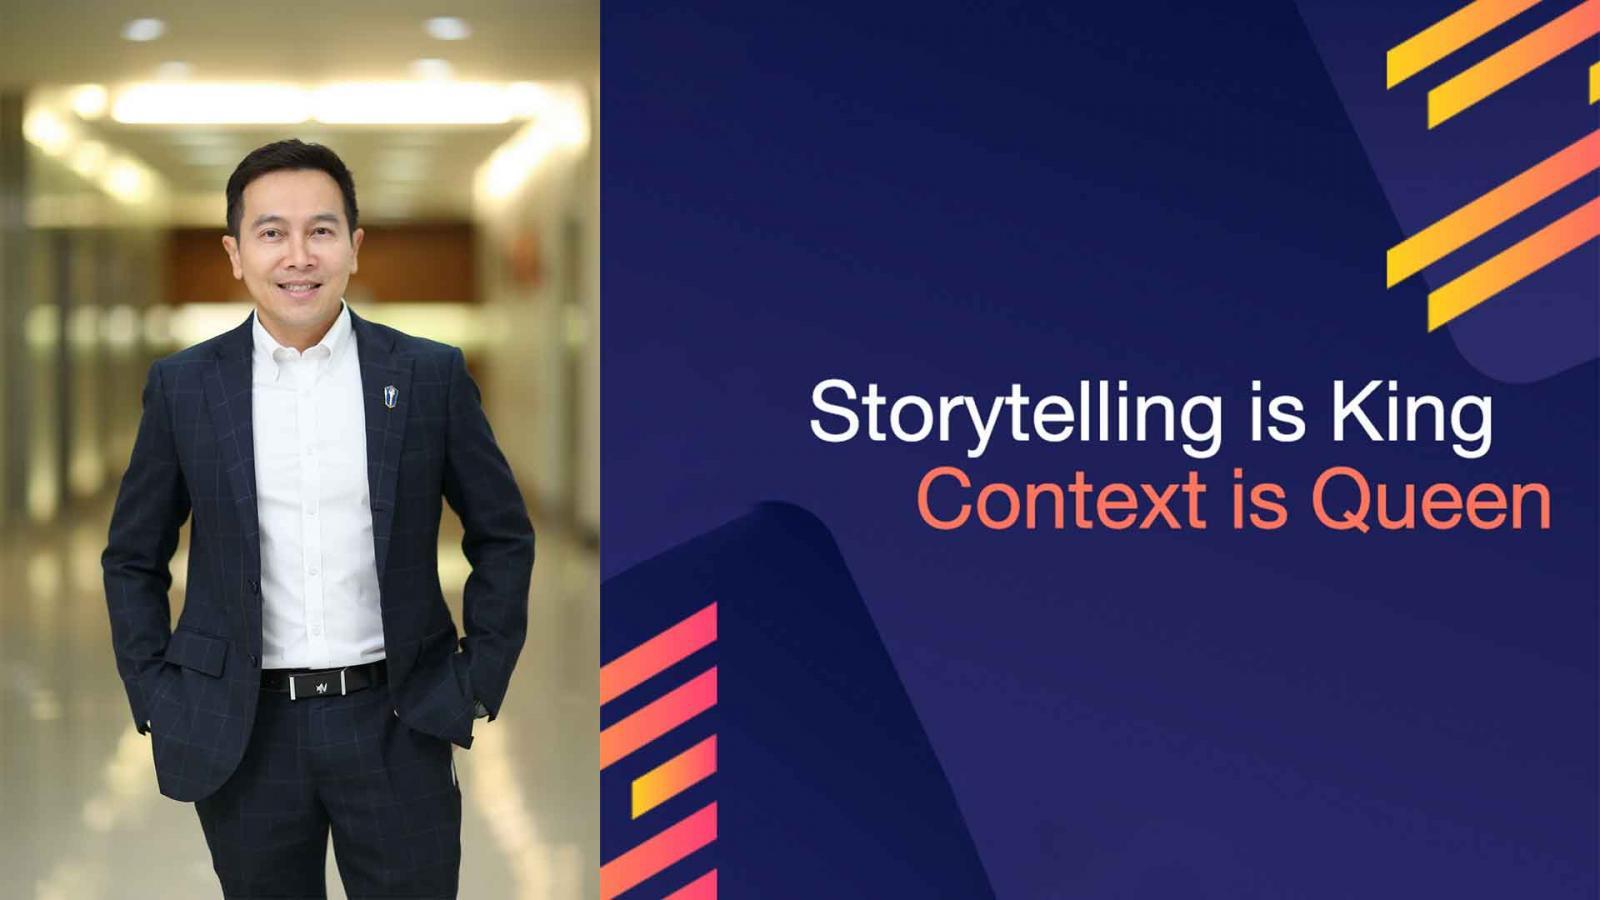 ดีซี คอนซัลแทนส์ ชี้ทิศทางพีอาร์ยุค New Normal เข้าสู่ดิจิทัลทรานส์ฟอร์เมชั่นเต็มรูปแบบ Storytelling is King - Context is Queen